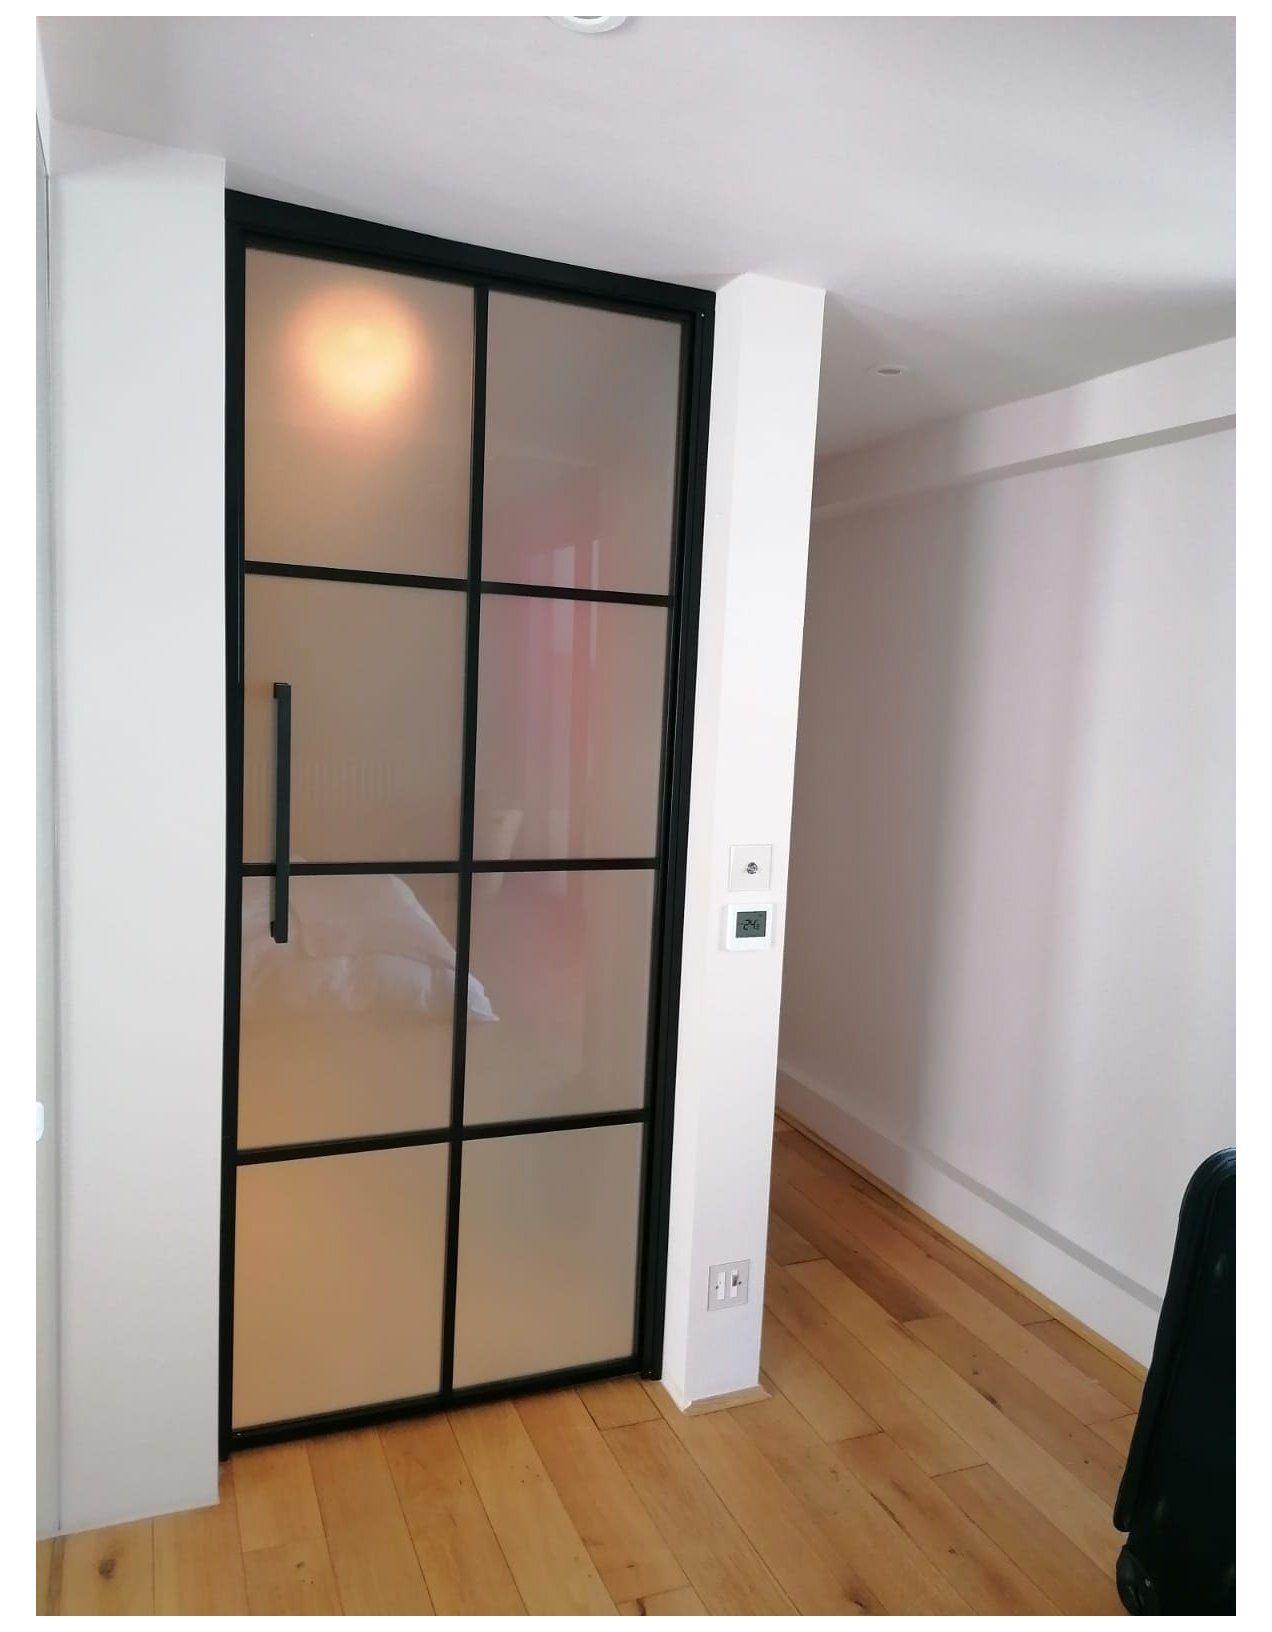 Metal Framed Door Aluminium Doors Interior Decor Black Glass Doors Privacy Glass In 2021 Glass Doors Interior Frosted Glass Interior Doors Internal Glass Doors Bedroom aluminum sliding door